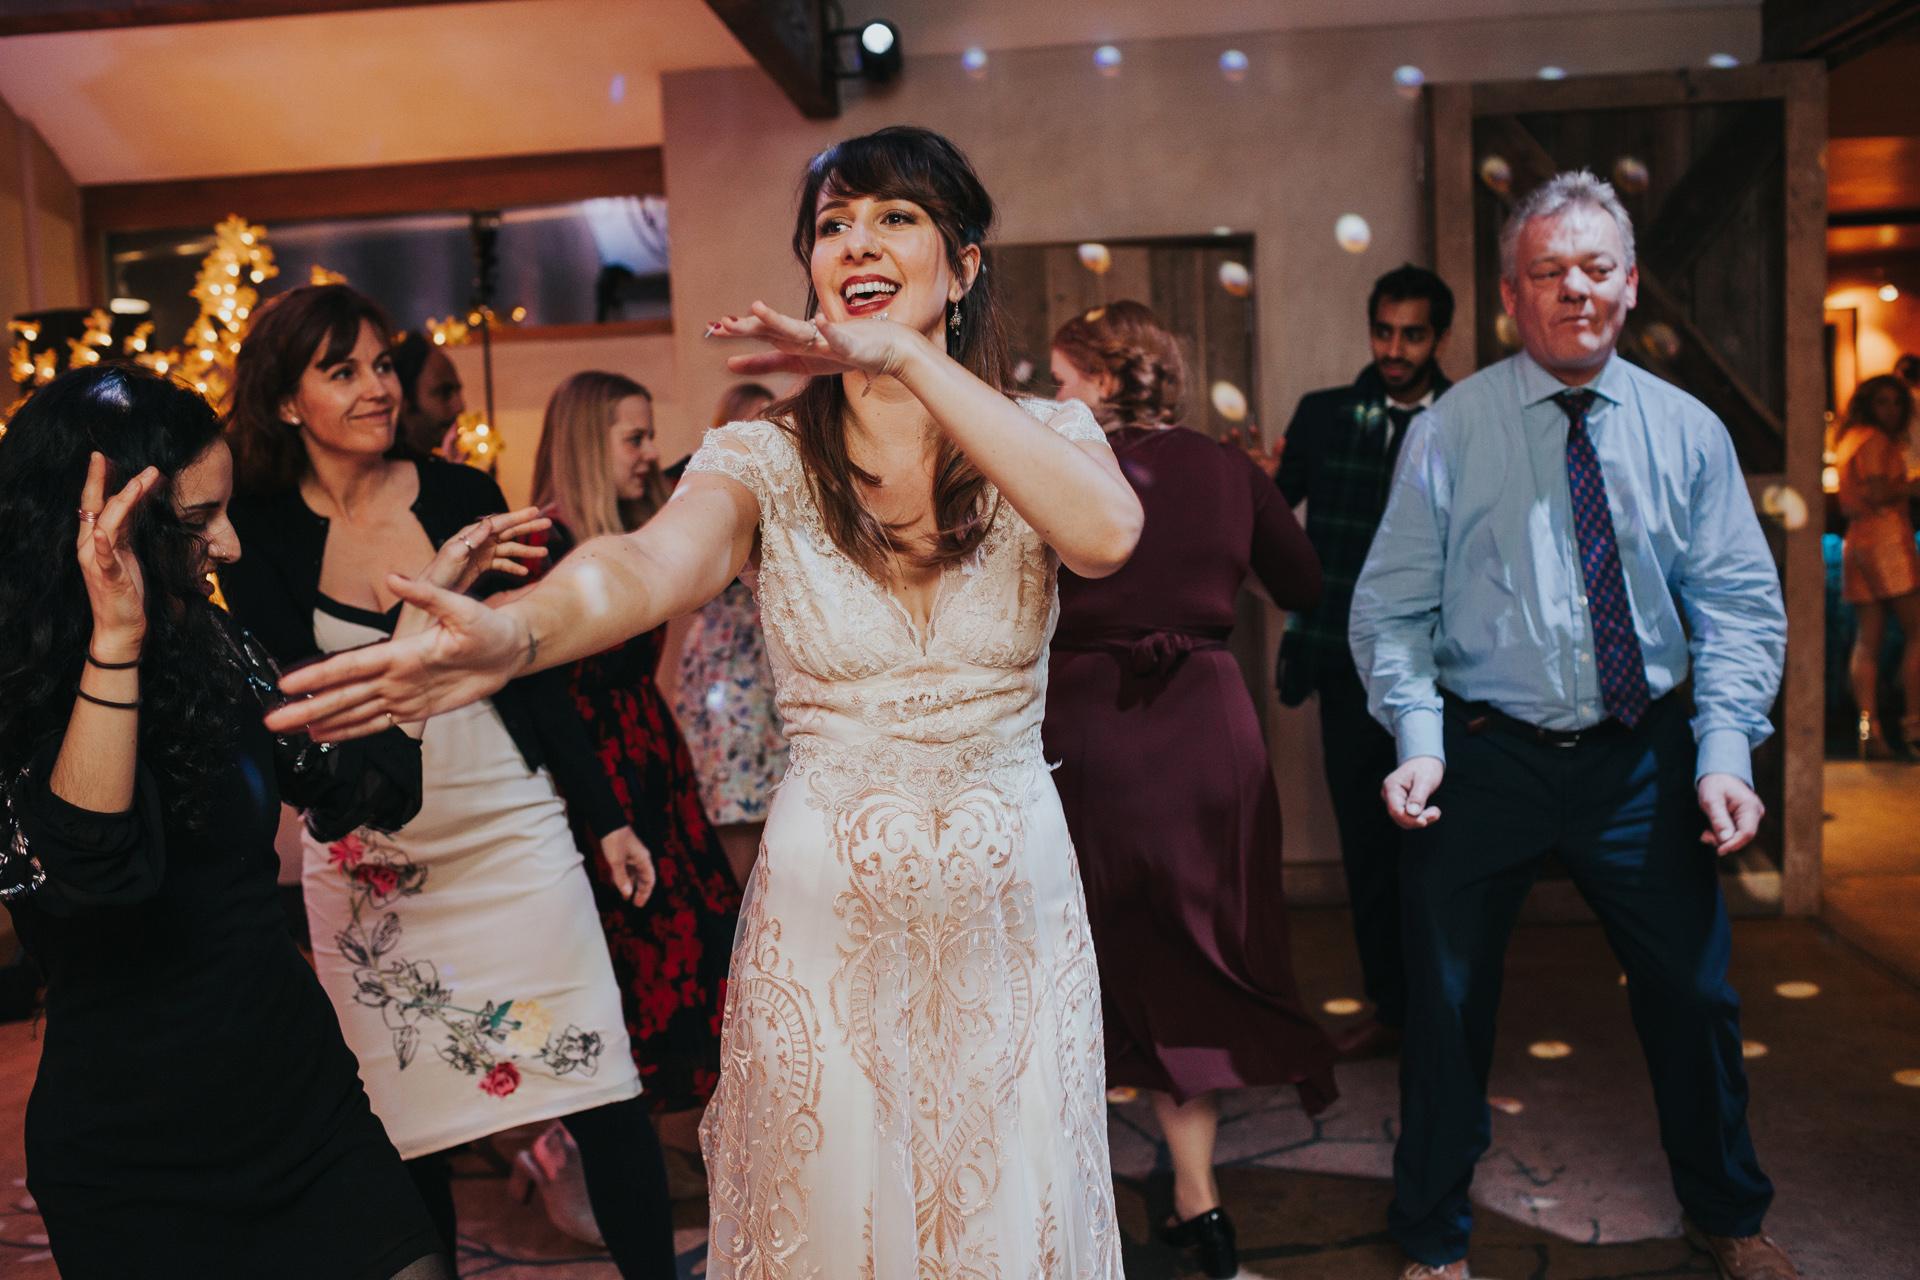 Dance floor moves.